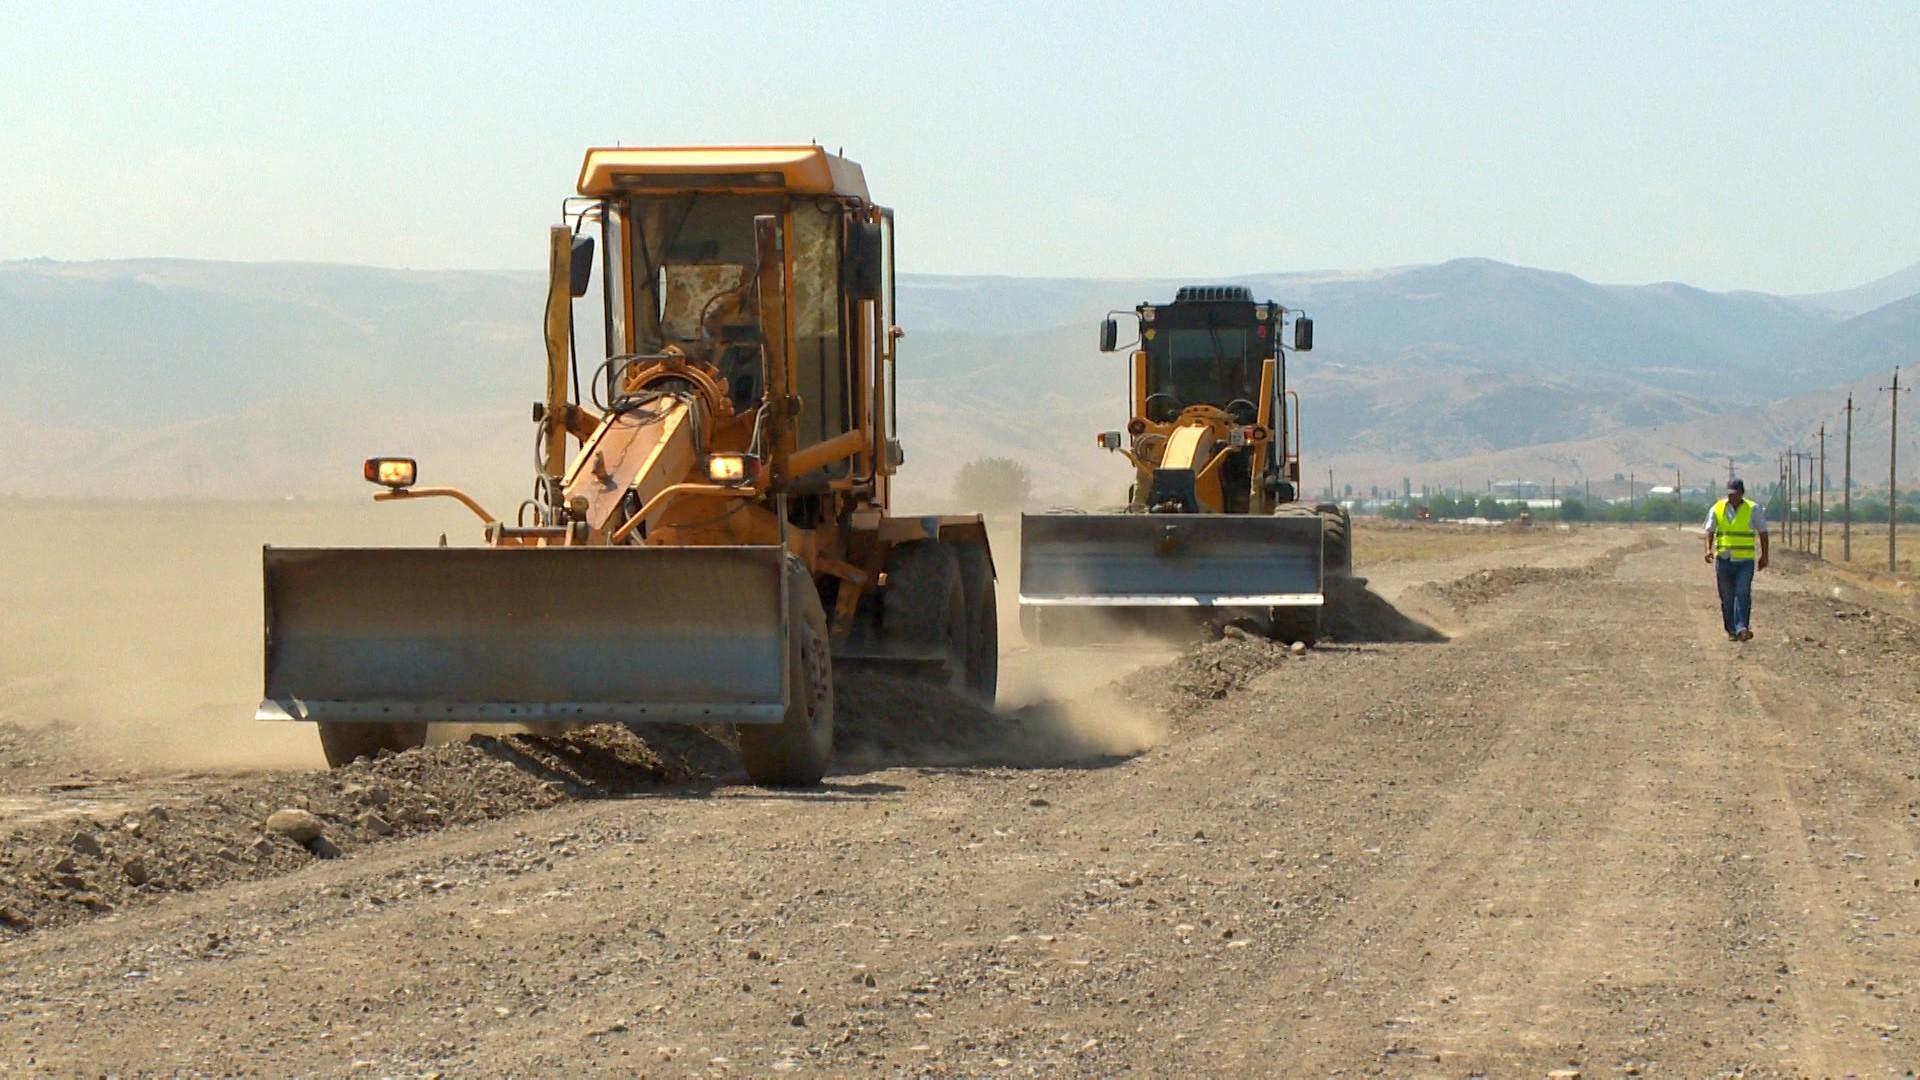 Şəmkirdə 32.9 km uzunluğunda yol yenidən qurulur (FOTO)